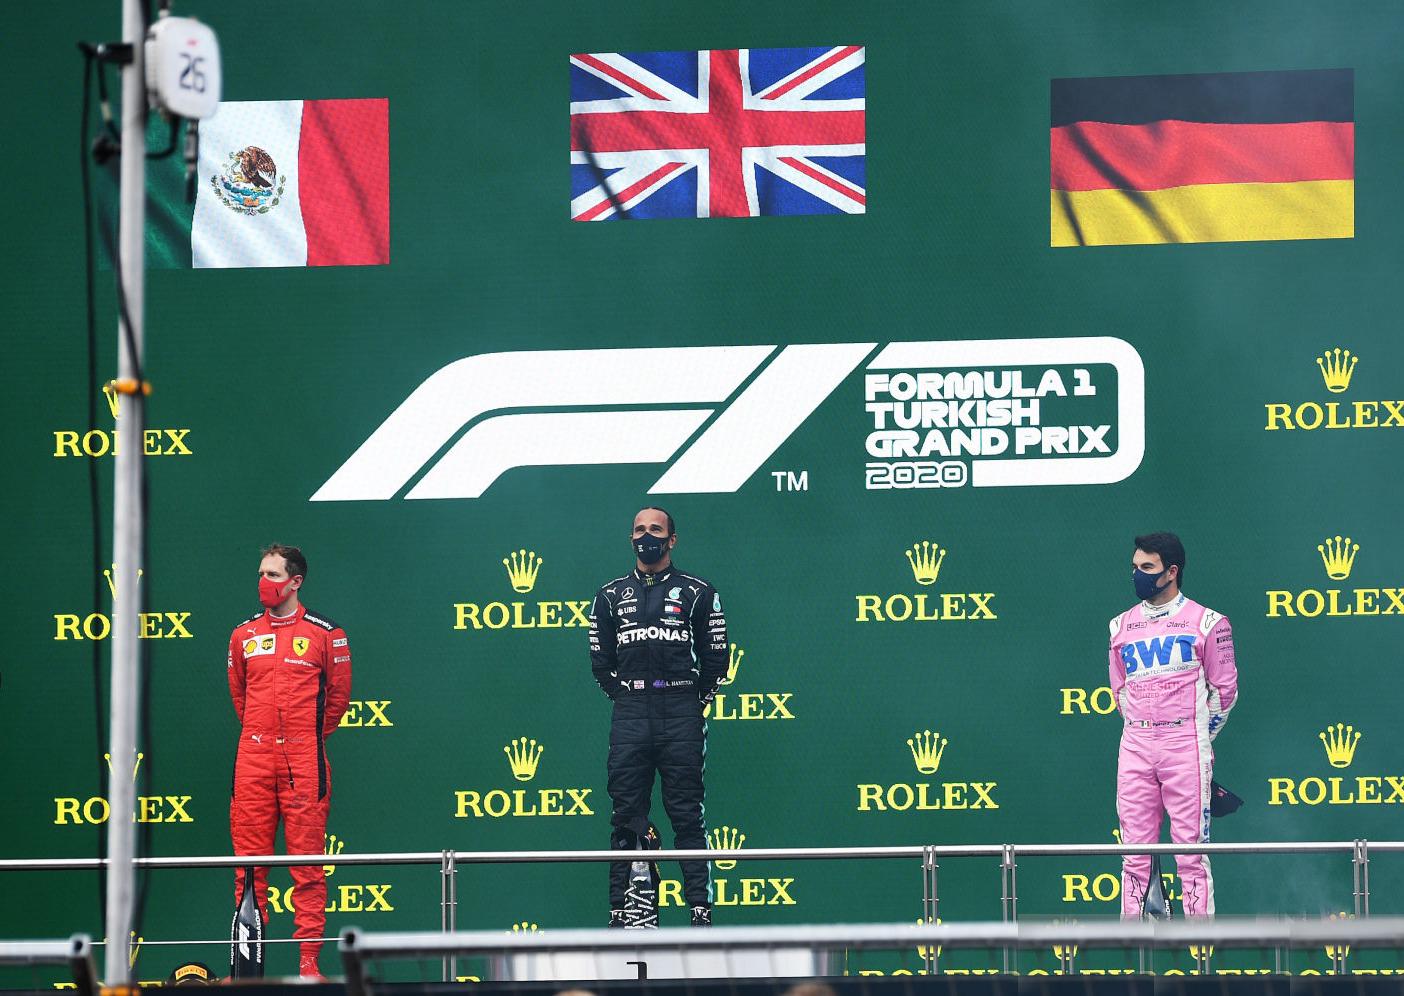 فورمولا 1: البريطاني لويس هاميلتون يتوج بجائزة تركيا الكبرى و ينال لقبه العالمي السابع